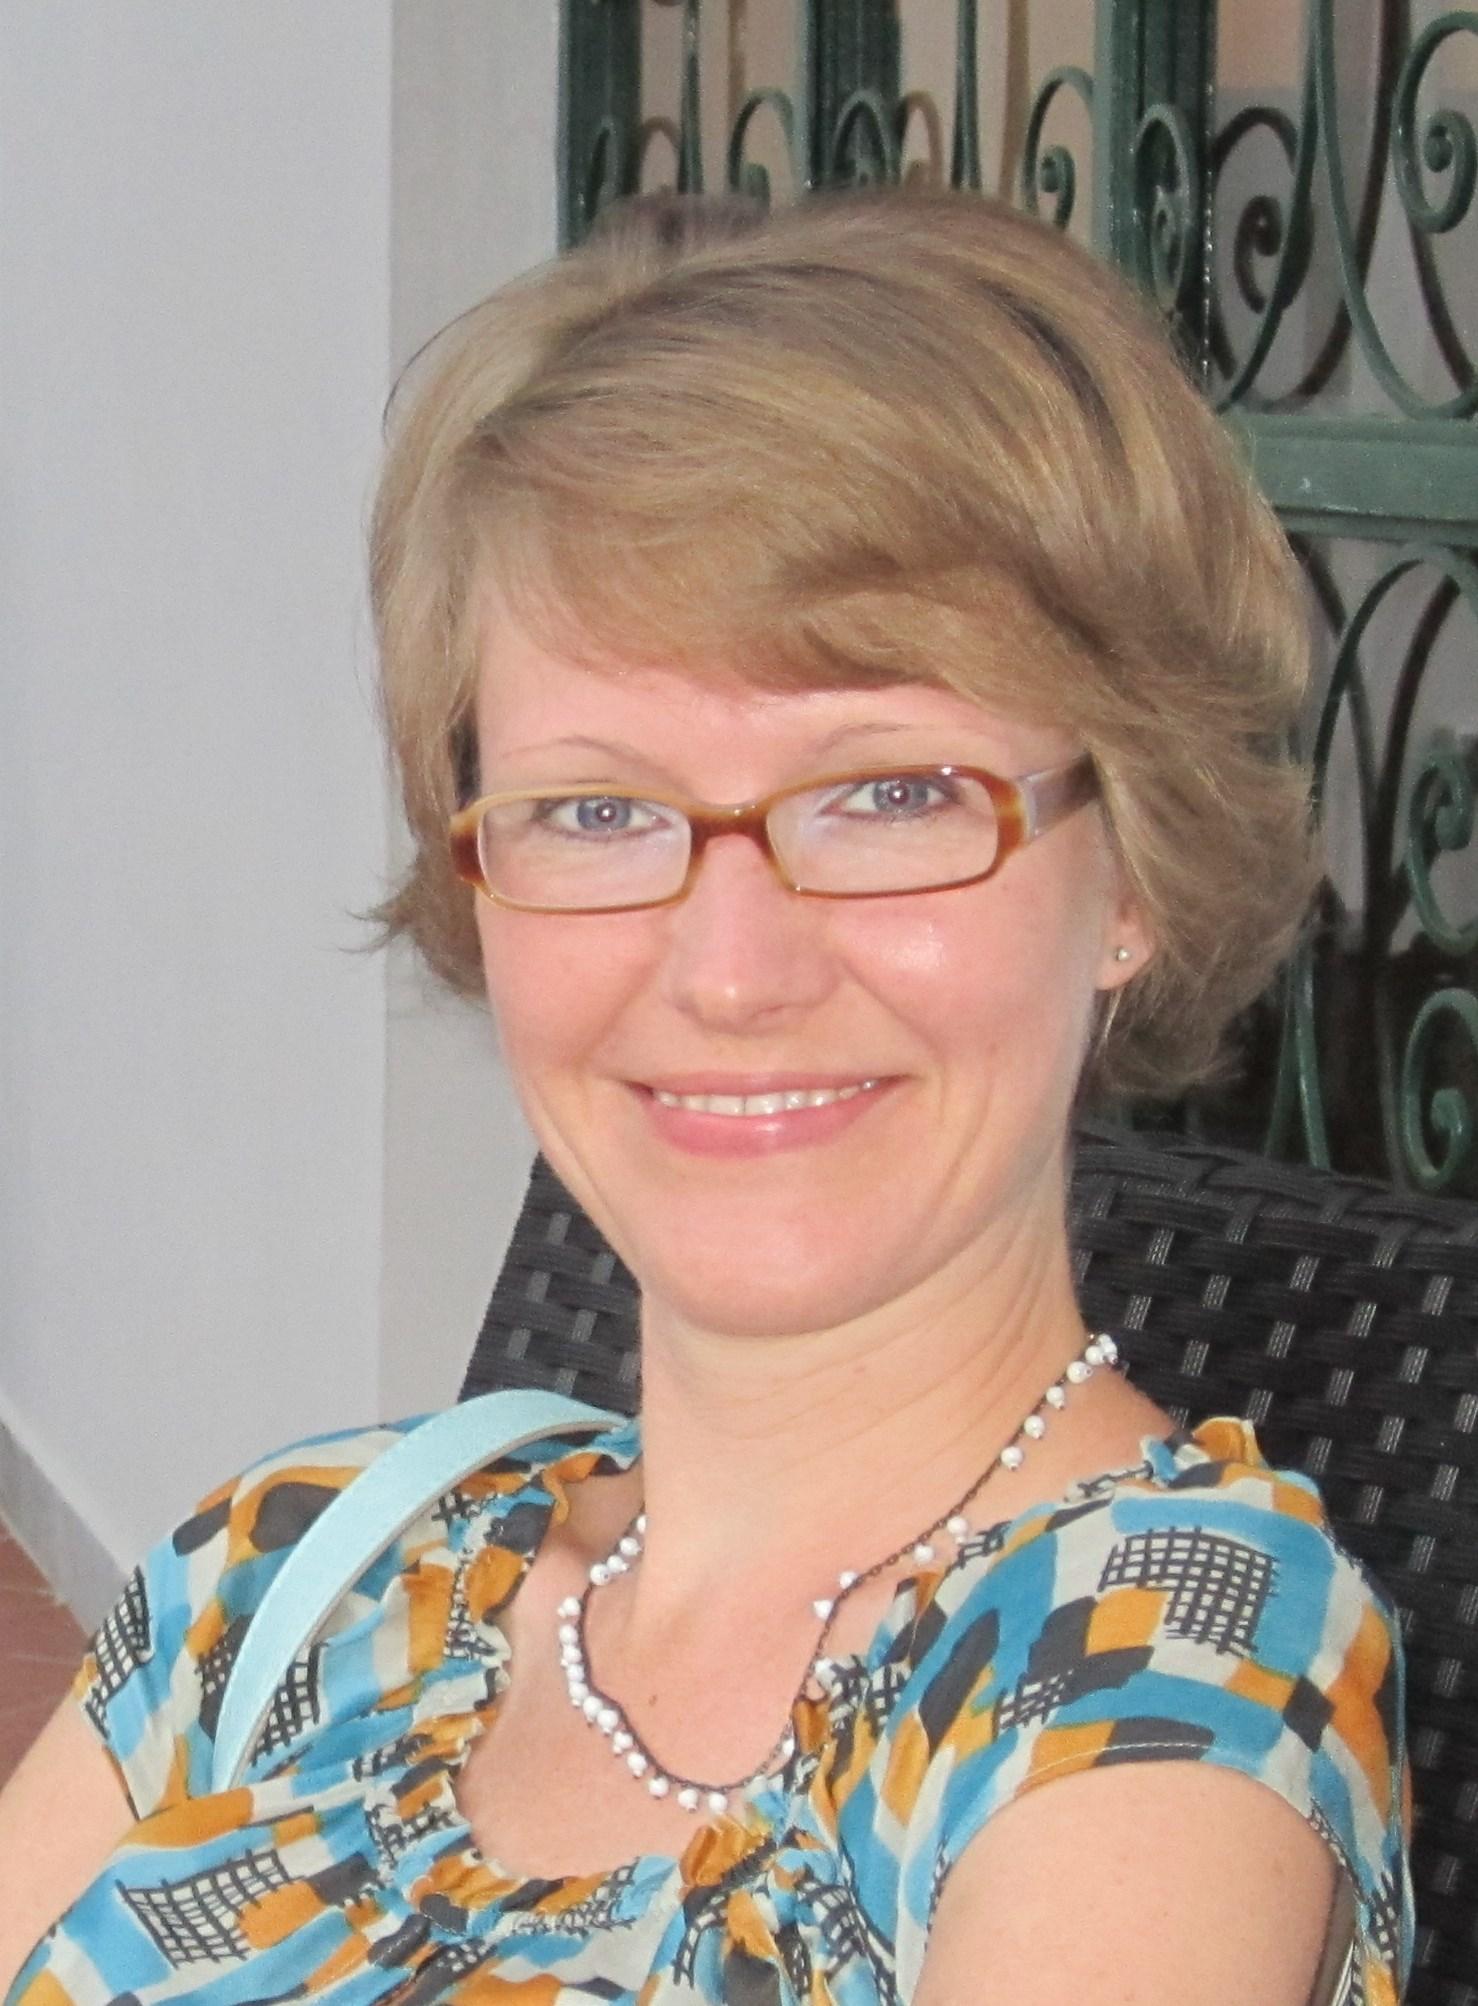 Christina Posselt